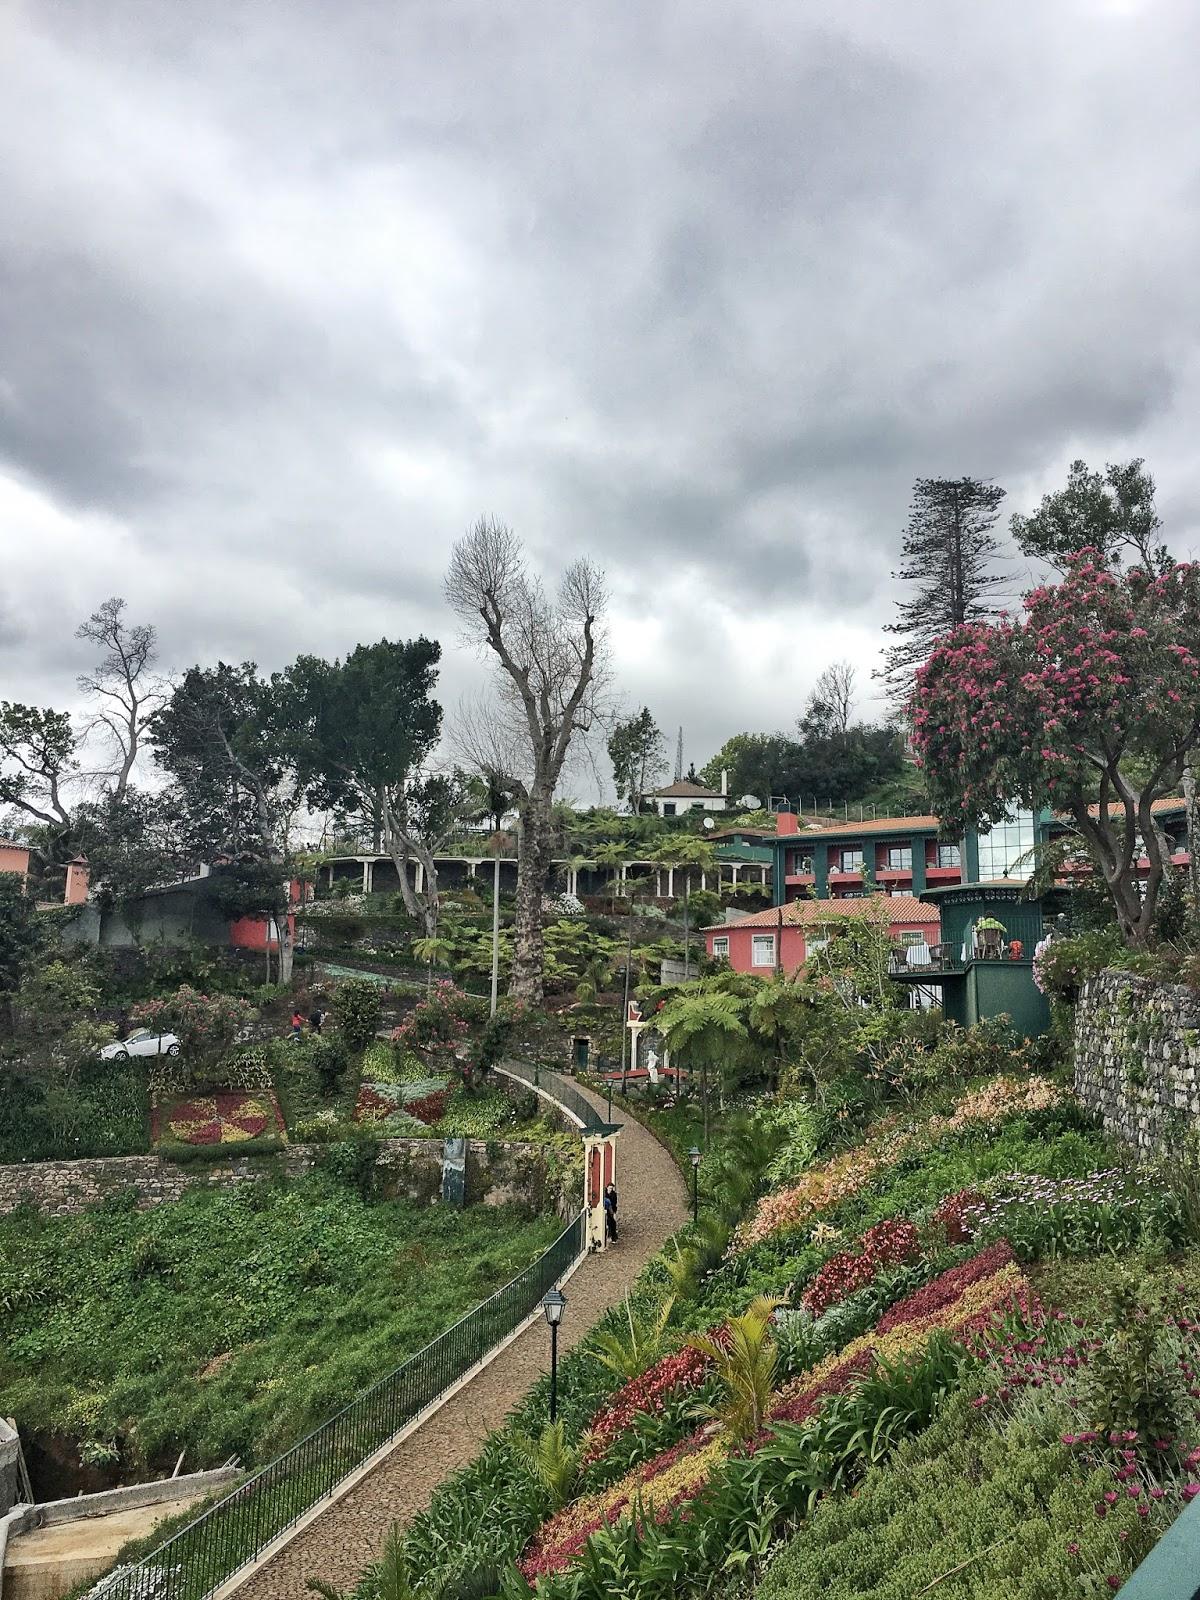 Madeira, Portugal